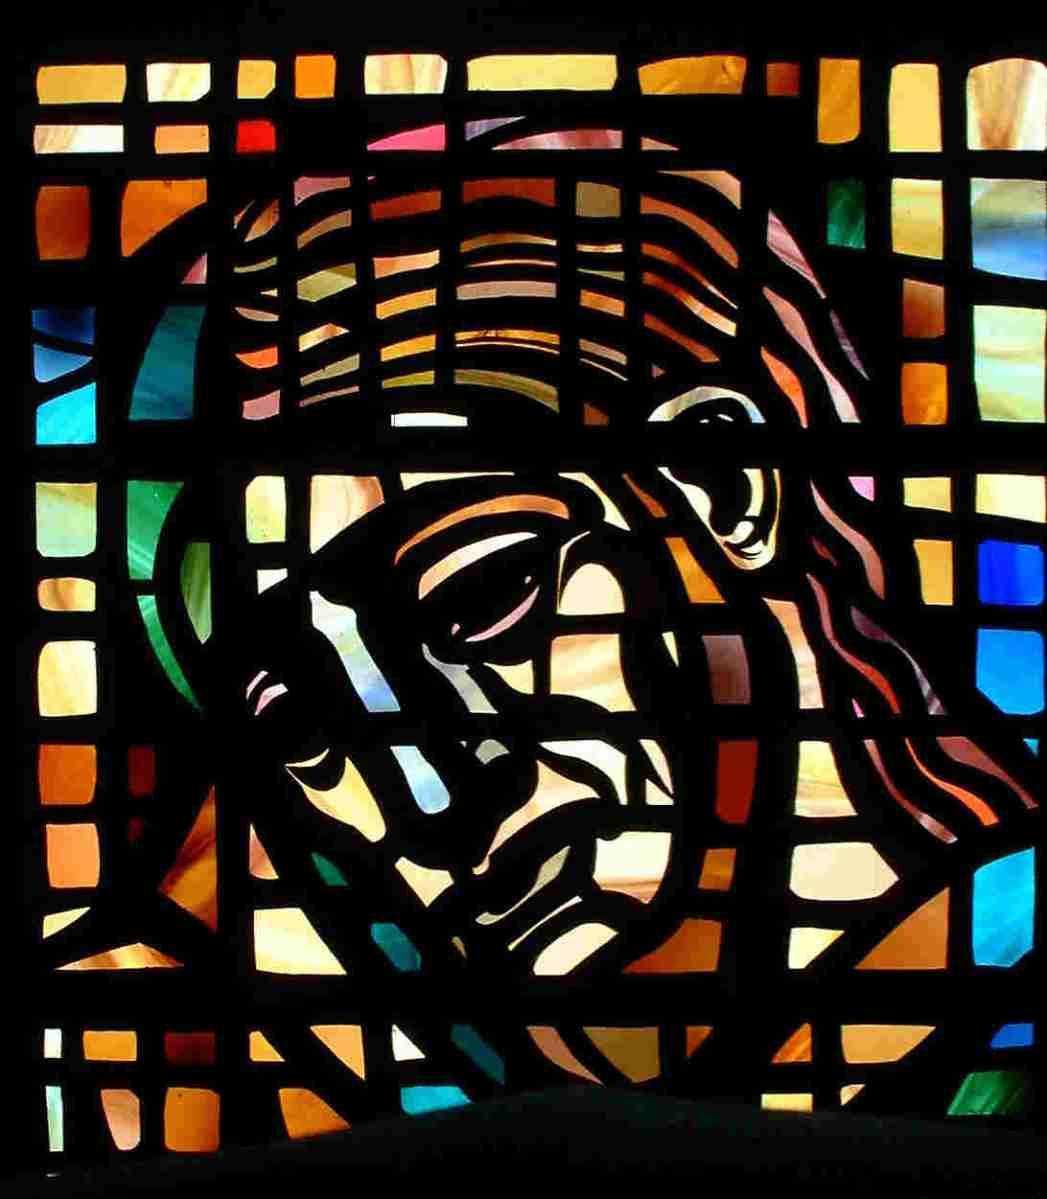 Quem é Jesus? Descobertas cristológicas de um cego